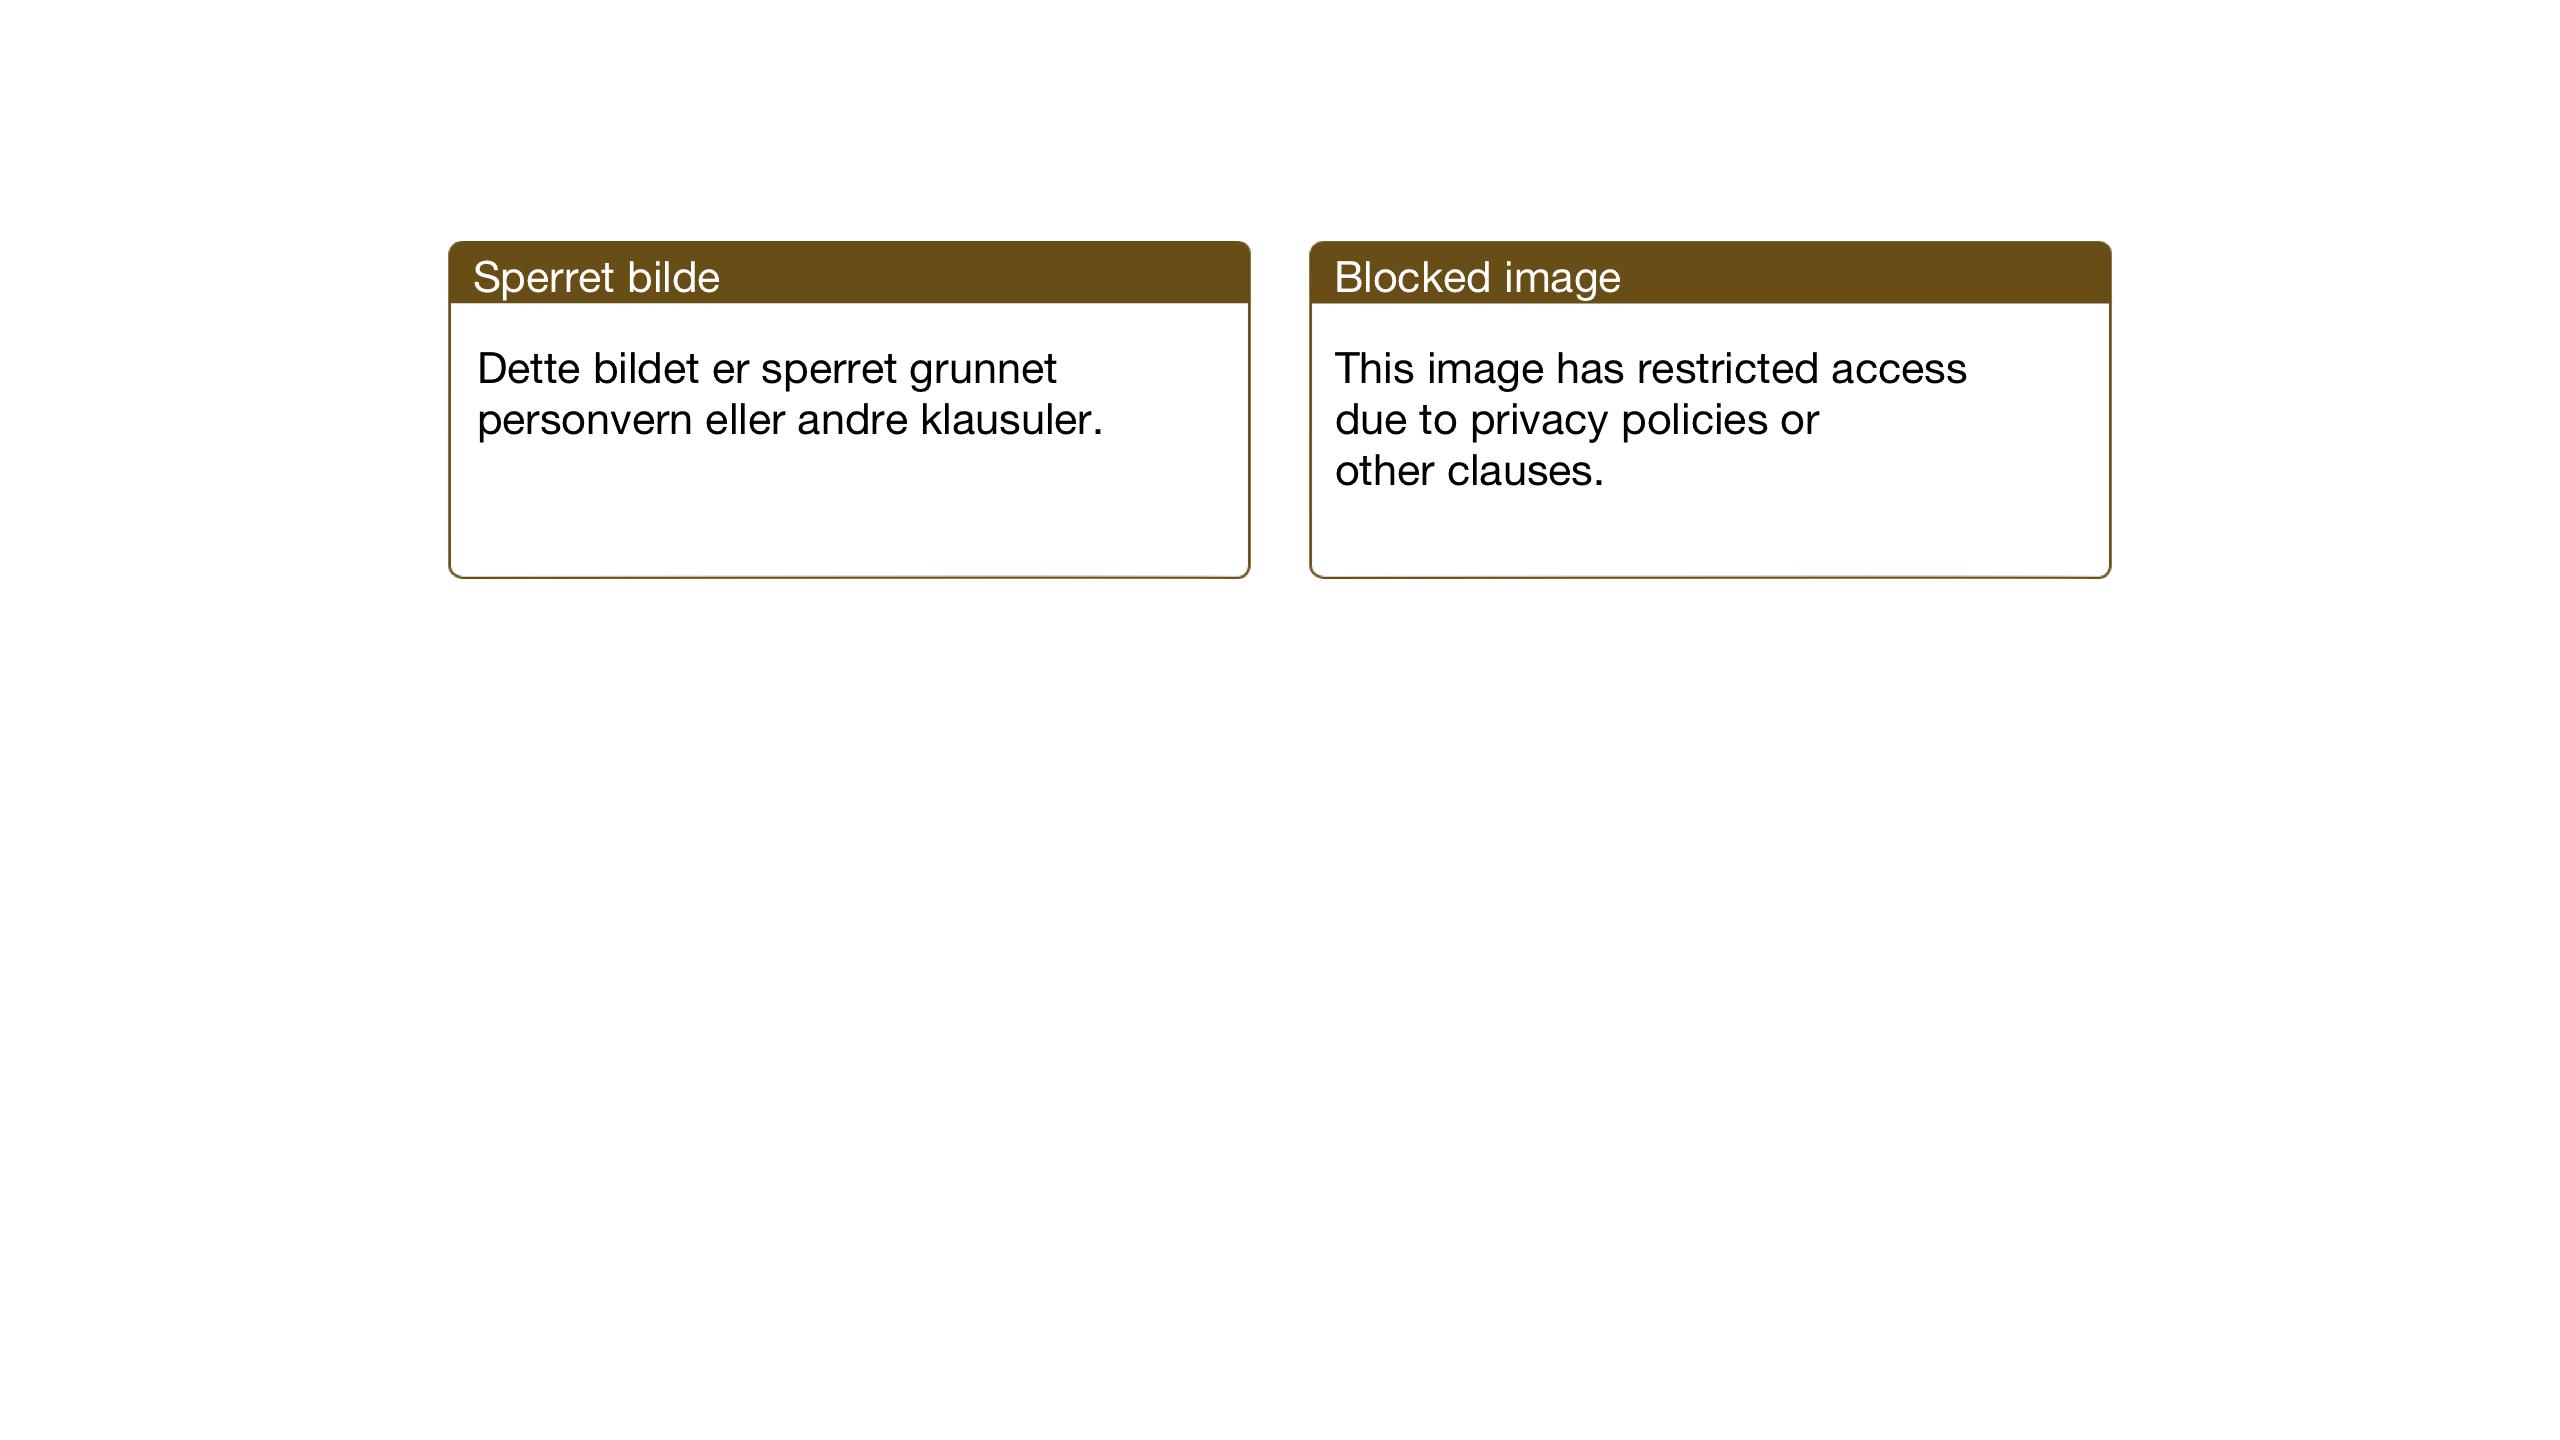 SAT, Ministerialprotokoller, klokkerbøker og fødselsregistre - Sør-Trøndelag, 638/L0569: Klokkerbok nr. 638C01, 1923-1961, s. 137